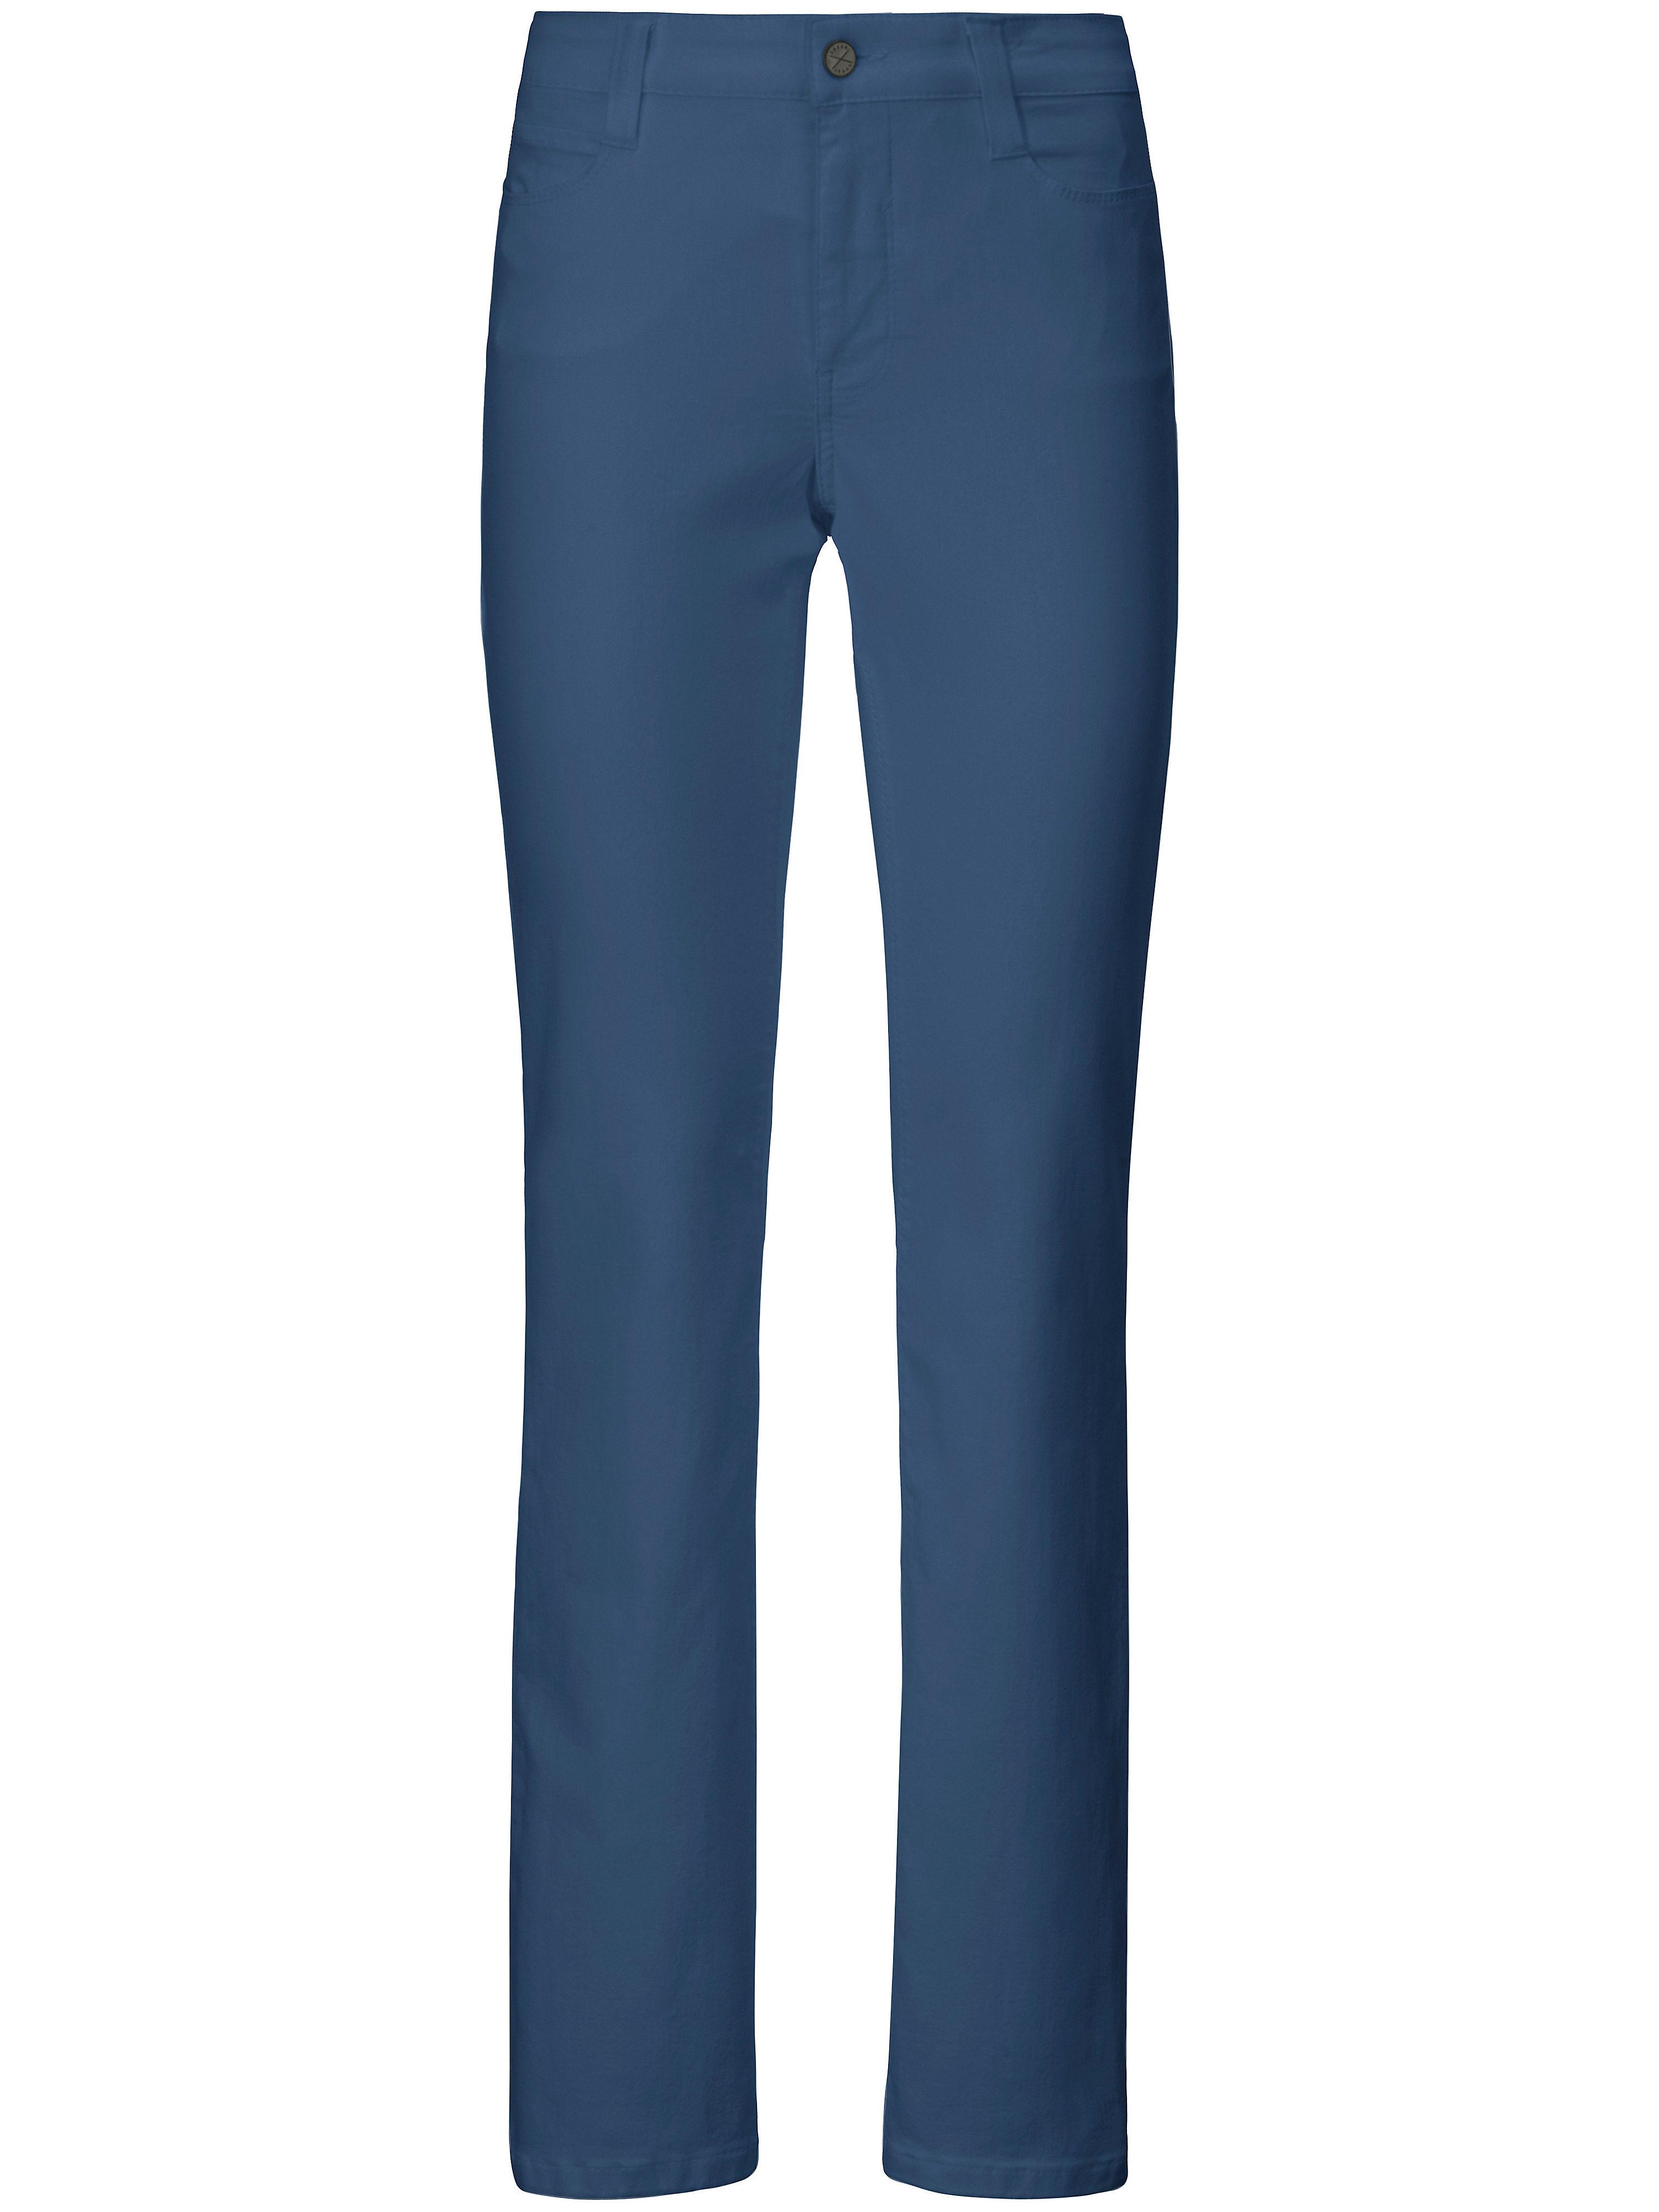 Jeans, inchlengten 30 en 32 Van Mac denim